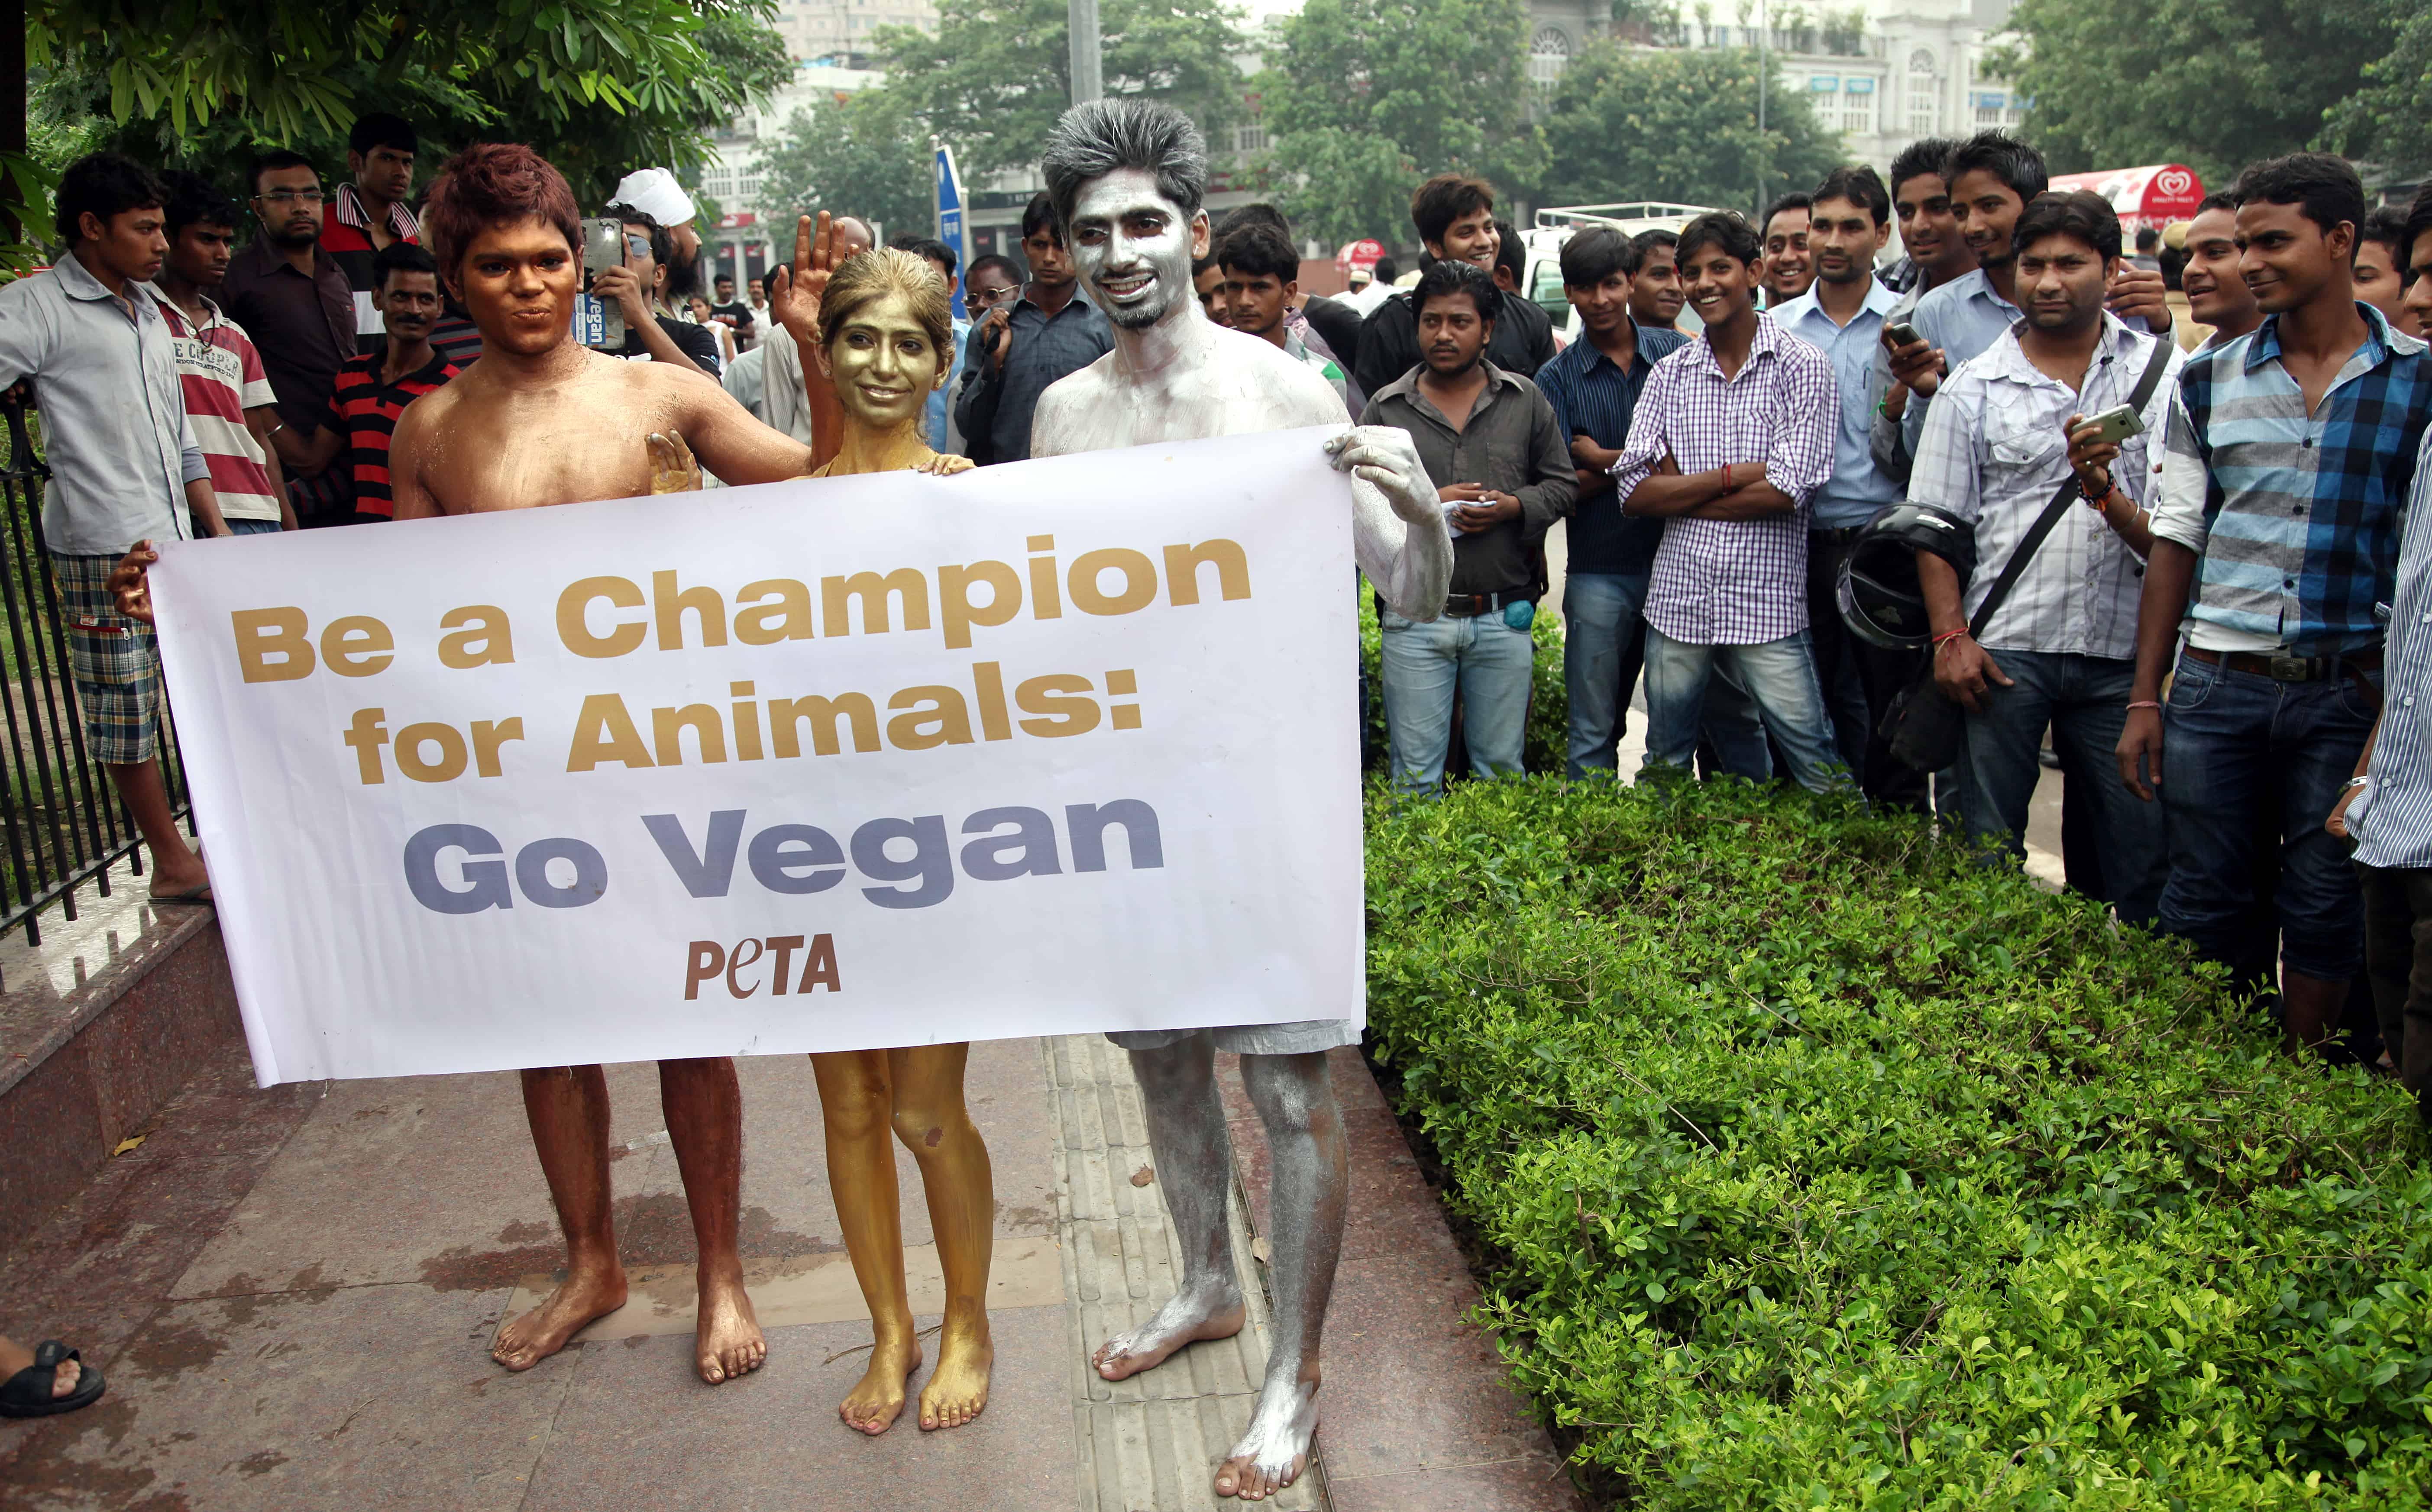 Naakte in goud, zilver en brons geverfde actievoerders houden een vaandel met een boodschap voor vegetariërs vast.